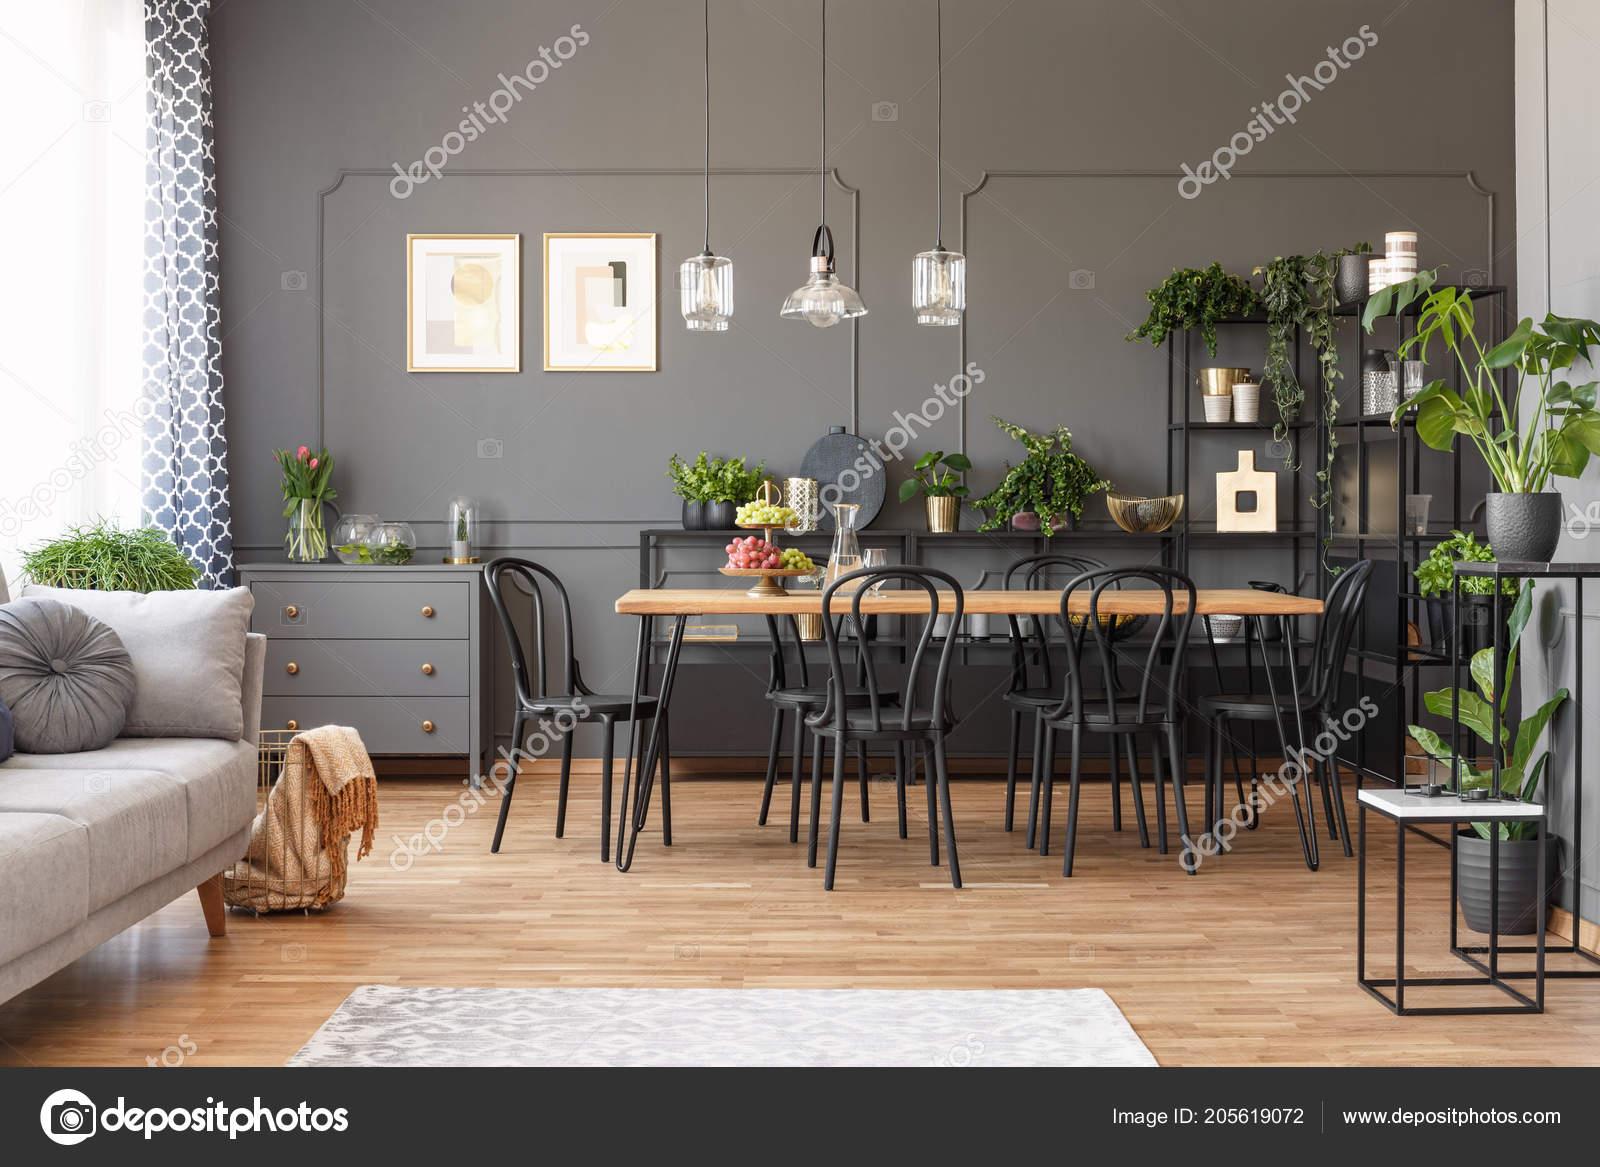 Tavolo Con Sedie In Legno.Appartamento Interno Spazio All Aperto Con Sedie Nere Tavolo Legno